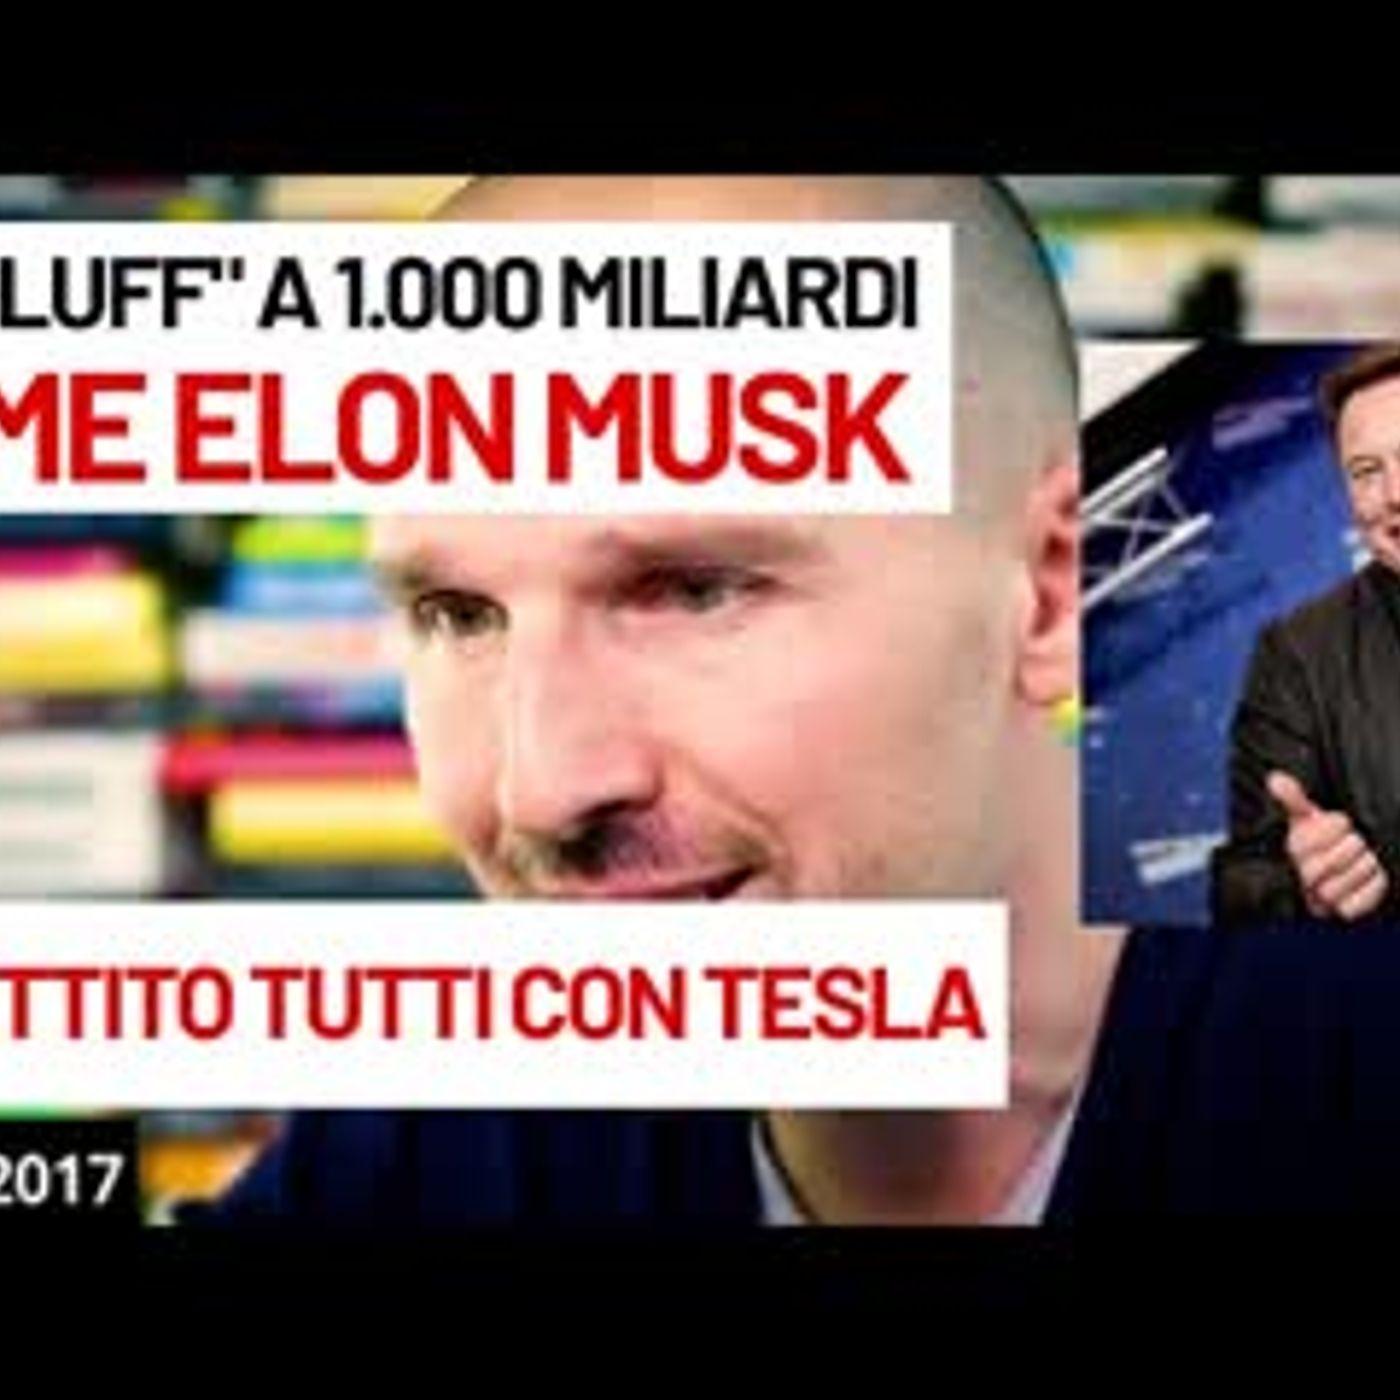 """Da """"bluff"""" a 1.000 miliardi: come Elon Musk ha zittito tutti con Tesla"""